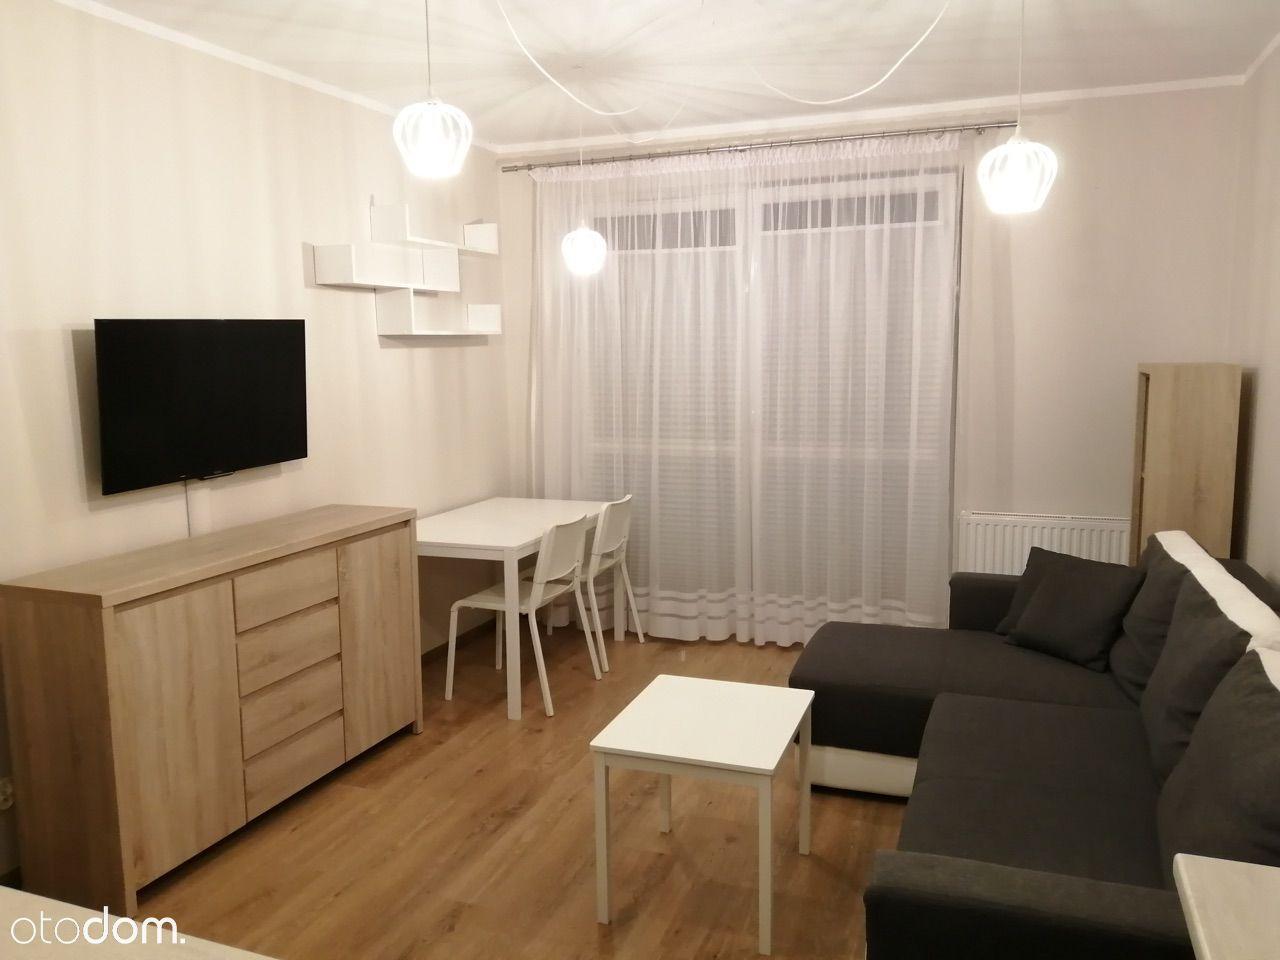 Mieszkanie 2 pokoje, ogródek, hala garażowa